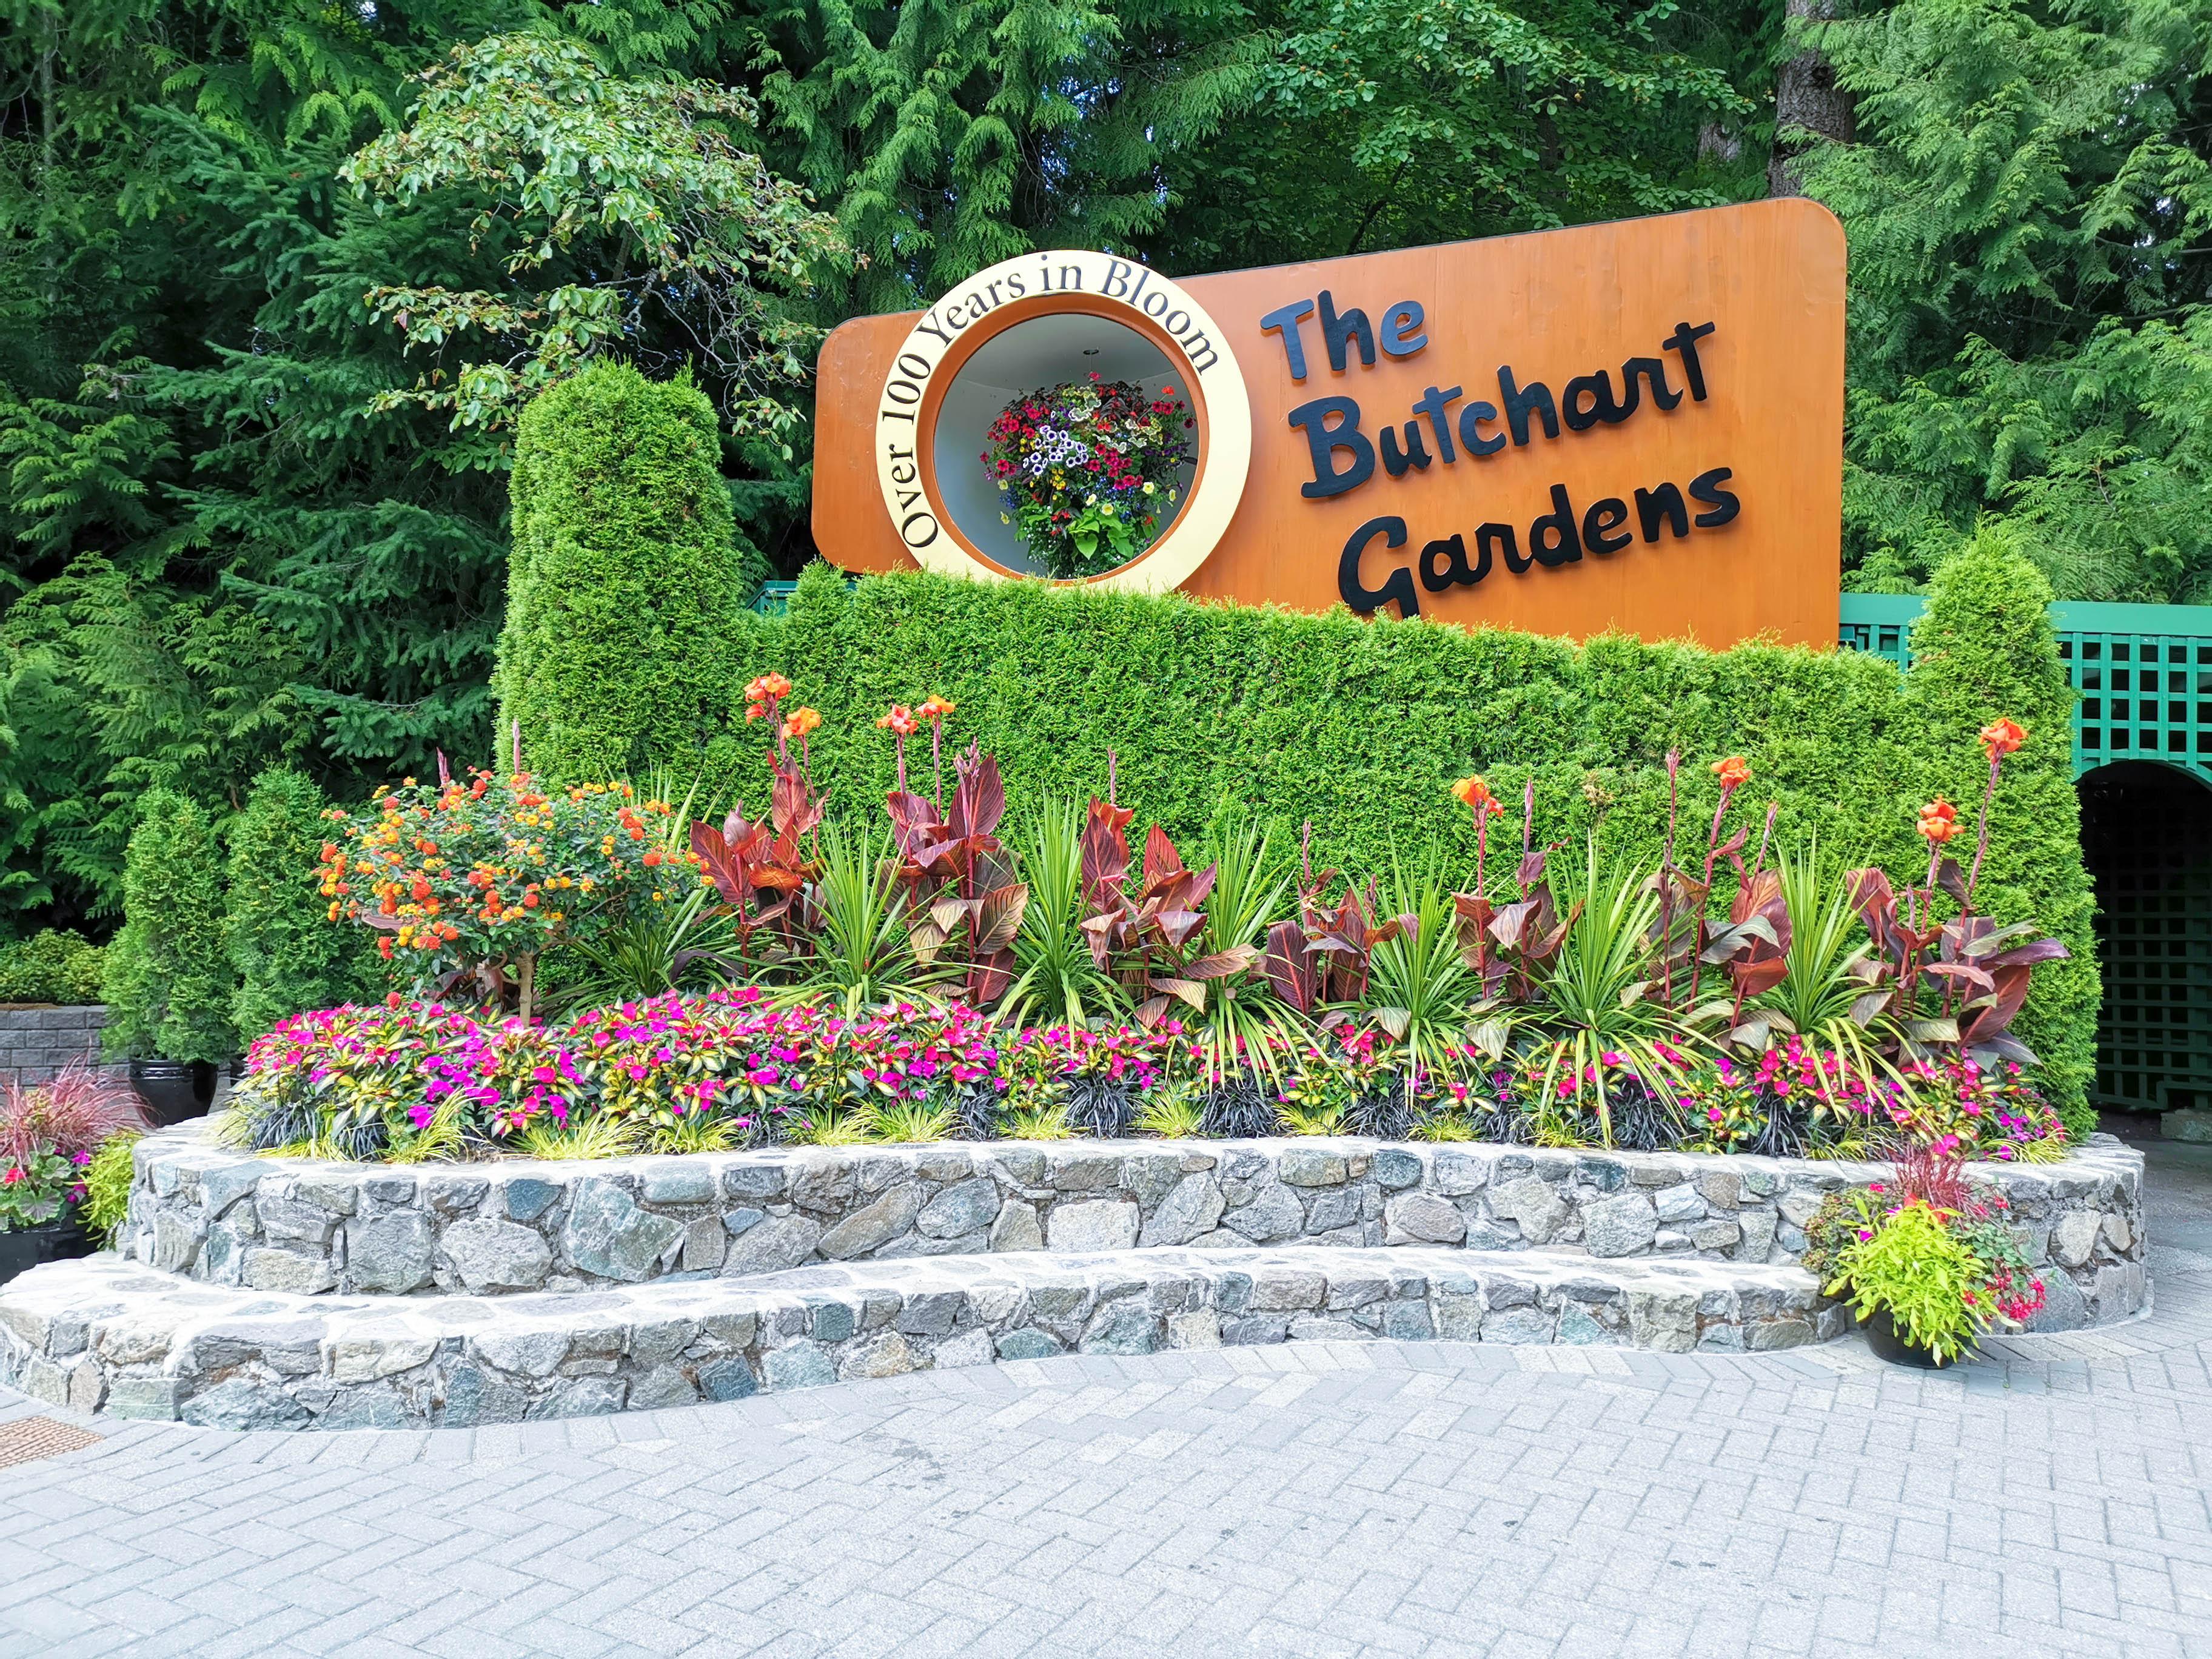 สวนบูชาร์ด (Butchart Garden) เที่ยวแคนาดา ทัวร์แคนาดา